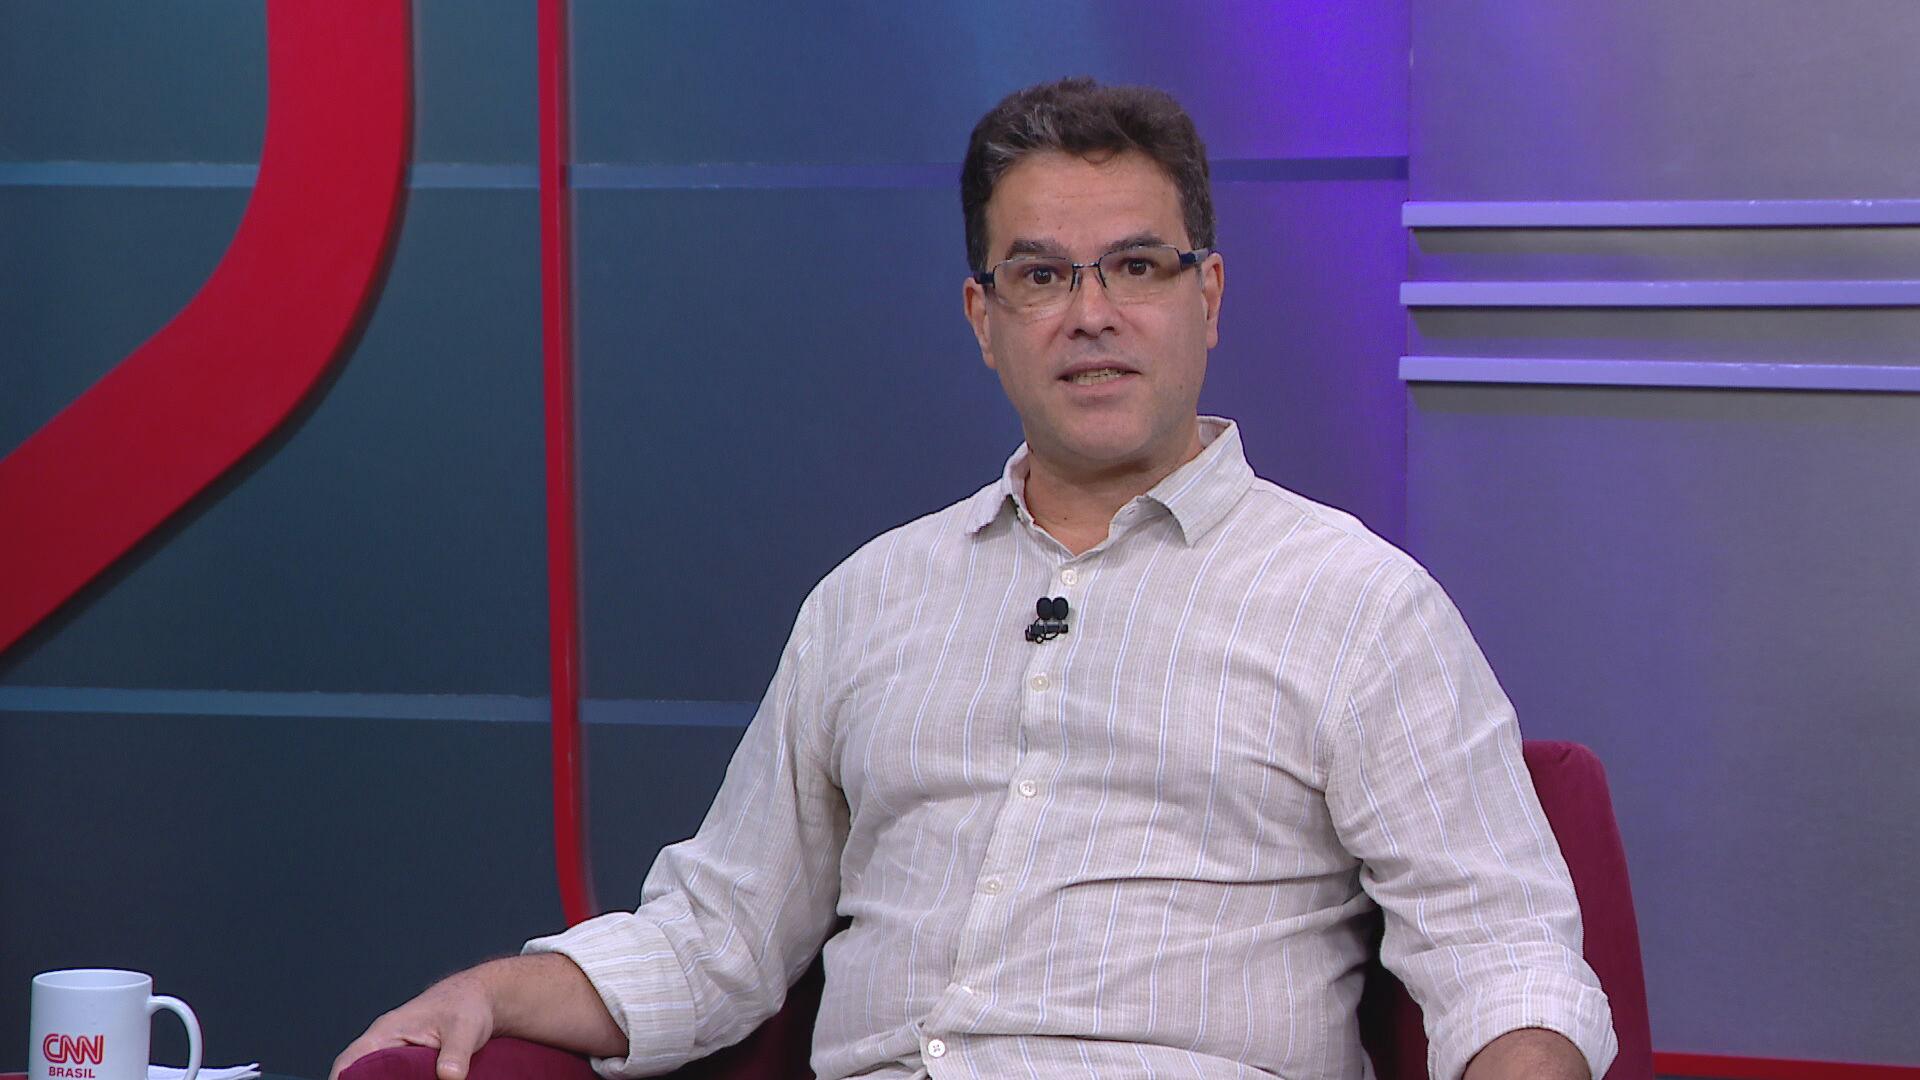 O economista Naércio Menezes Filho, professor do Insper